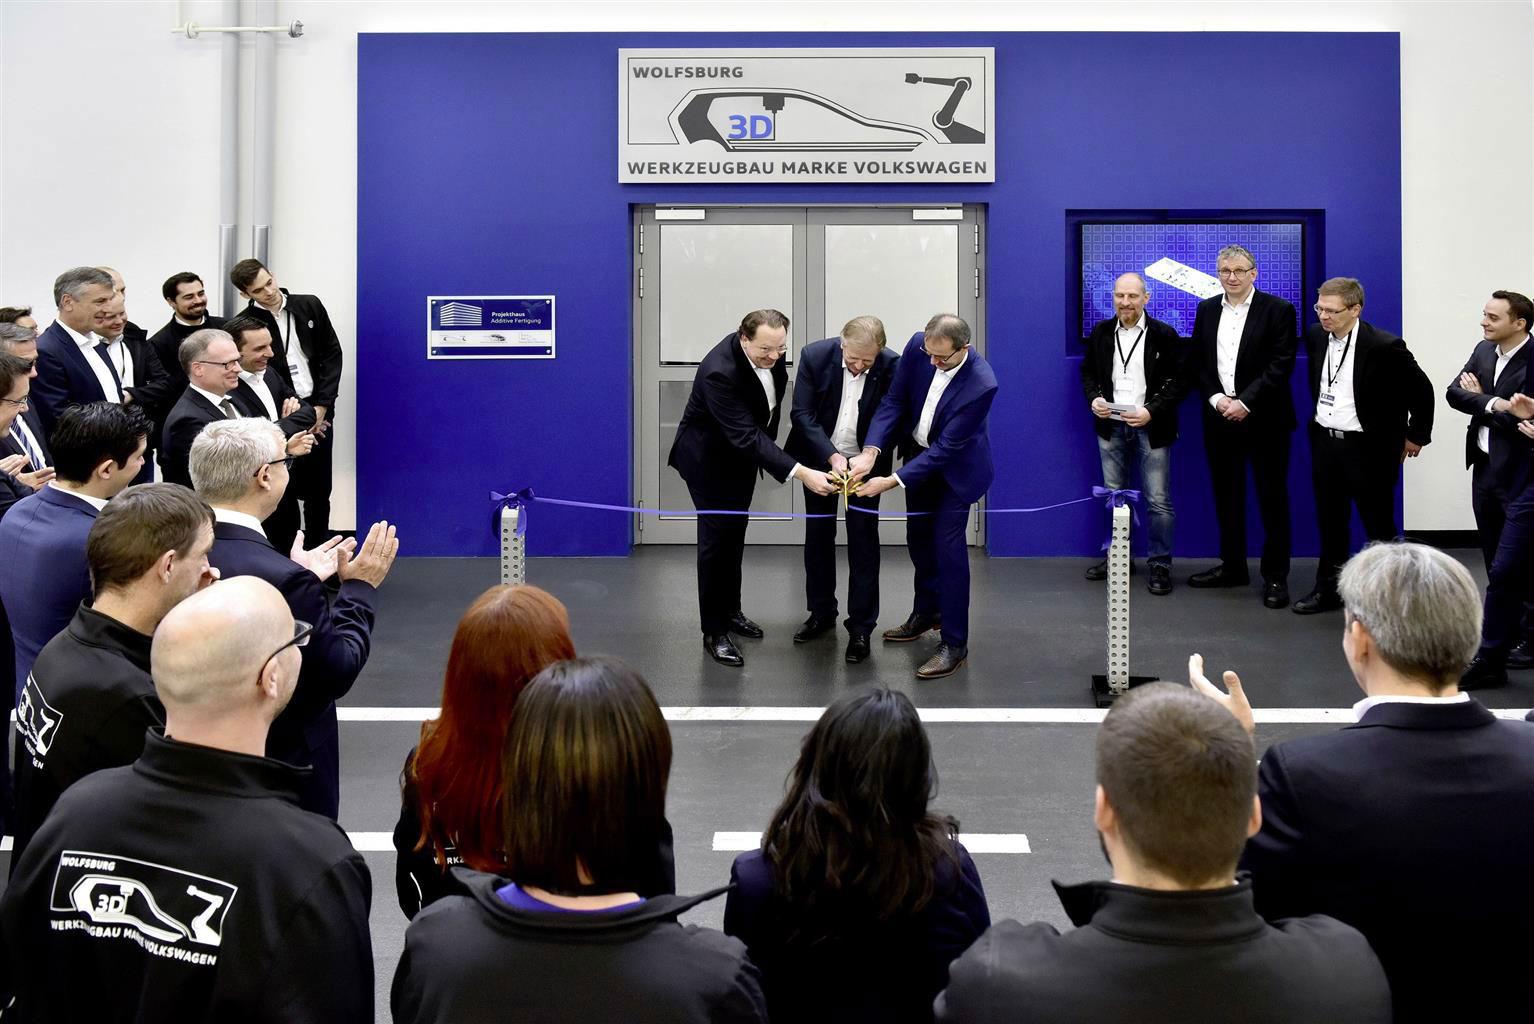 L'inaugurazone del nuovo Reparto Utensili della Volkswagen